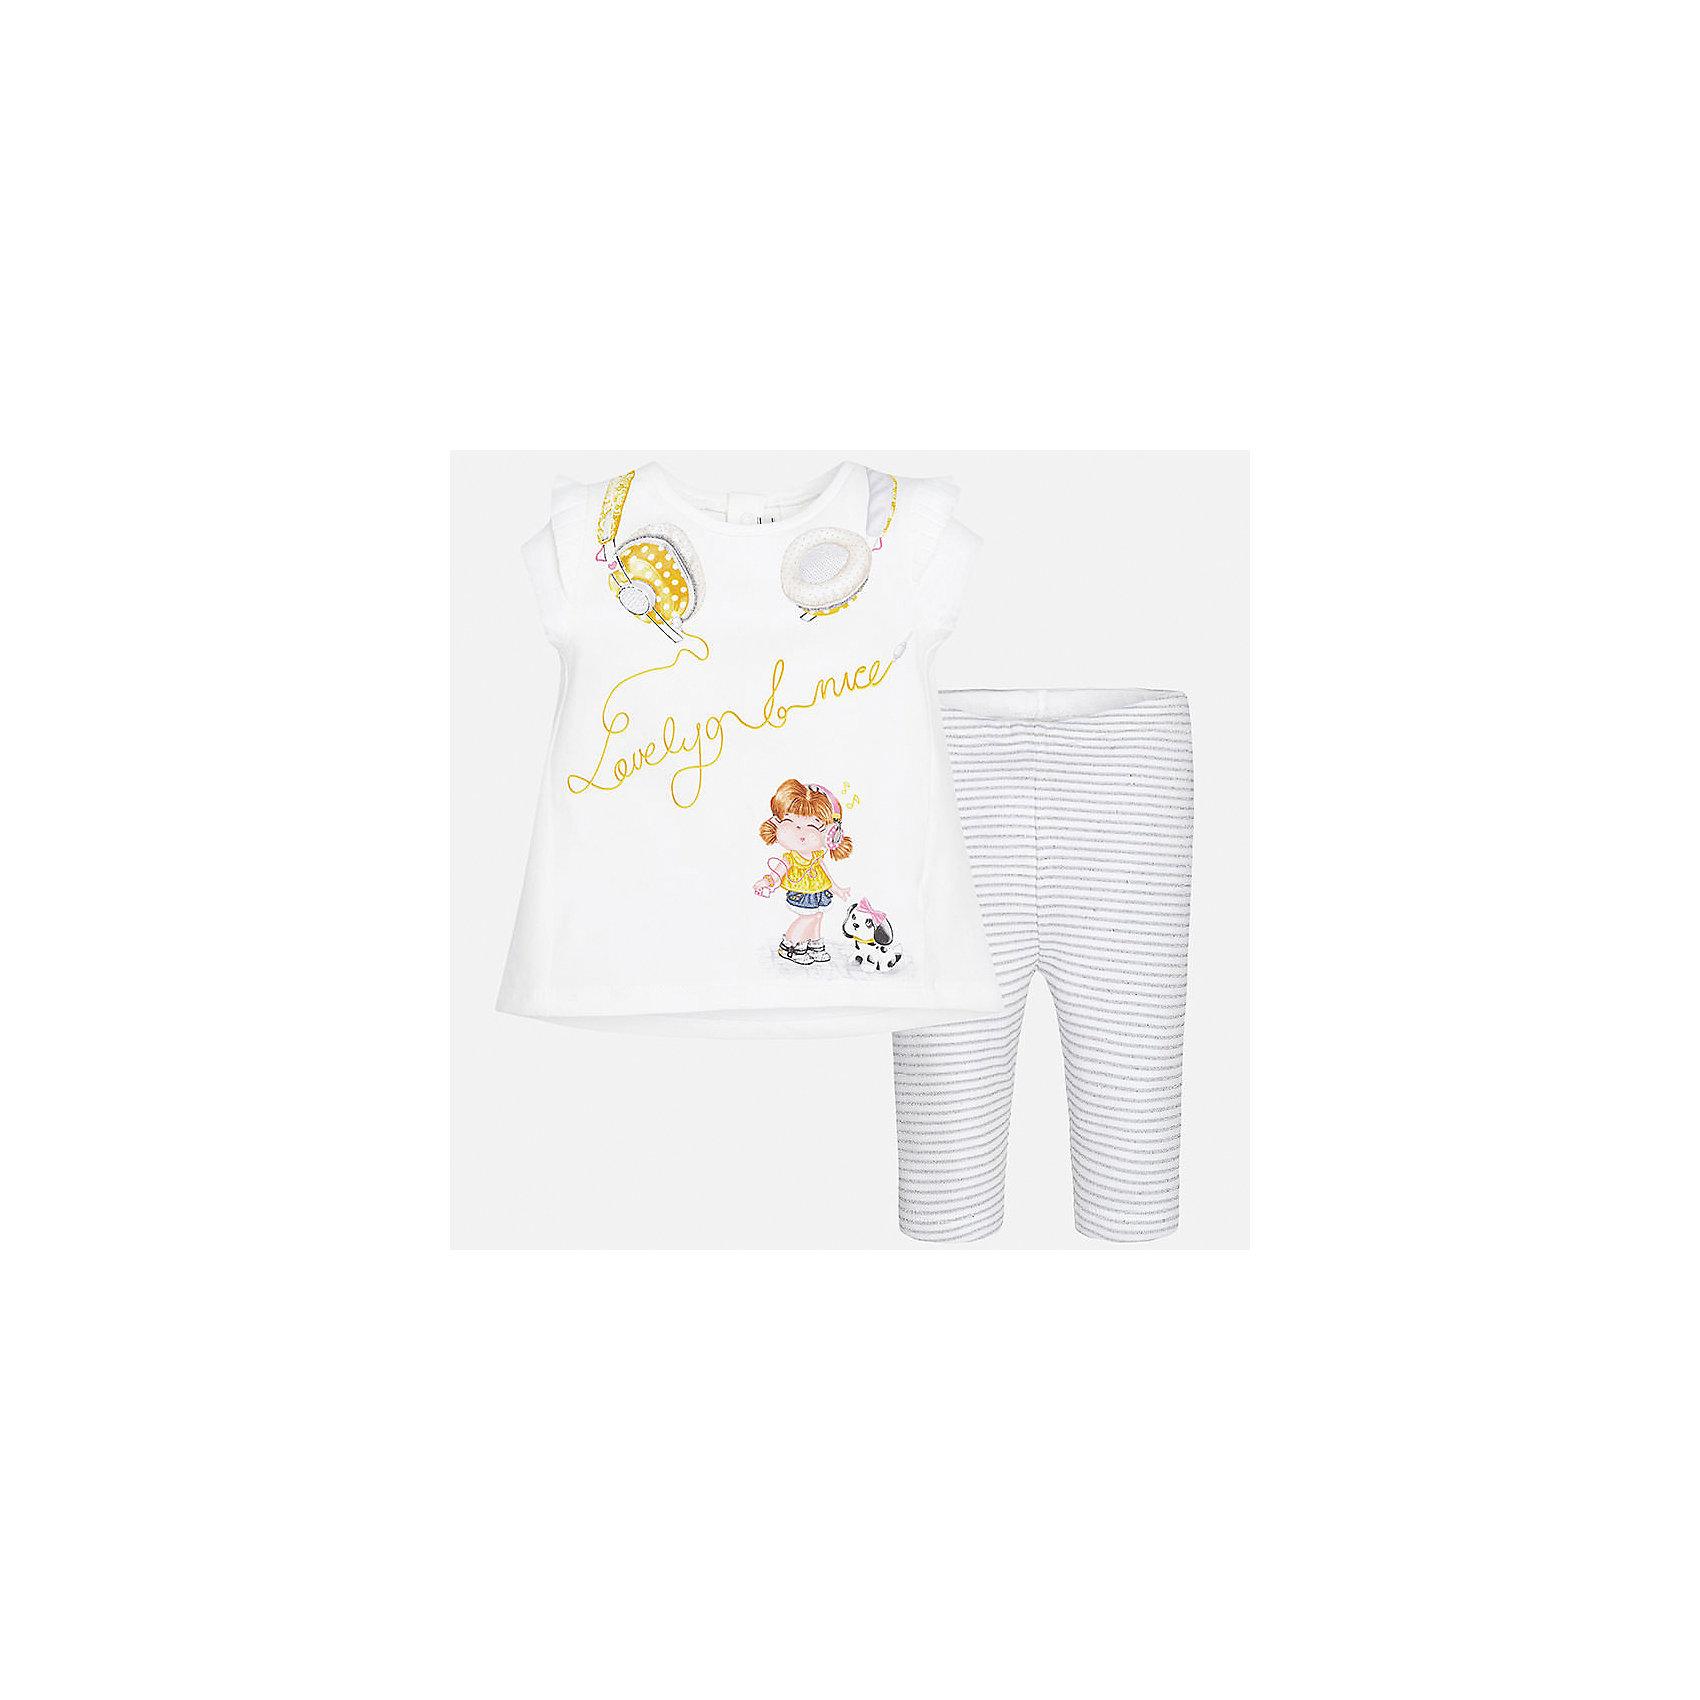 Комплект: футболка и леггинсы для девочки MayoralКомплекты<br>Характеристики товара:<br><br>• цвет: белый/серый<br>• состав: 92% хлопок, 8% эластан<br>• комплектация: футболка и леггинсы<br>• футболка декорирована принтом<br>• леггинсы в полоску<br>• пояс на резинке<br>• страна бренда: Испания<br><br>Стильный качественный комплект для девочки поможет разнообразить гардероб ребенка и удобно одеться в теплую погоду. Он отлично сочетается с другими предметами. Универсальный цвет позволяет подобрать к вещам верхнюю одежду практически любой расцветки. Интересная отделка модели делает её нарядной и оригинальной. В составе материала - натуральный хлопок, гипоаллергенный, приятный на ощупь, дышащий.<br><br>Одежда, обувь и аксессуары от испанского бренда Mayoral полюбились детям и взрослым по всему миру. Модели этой марки - стильные и удобные. Для их производства используются только безопасные, качественные материалы и фурнитура. Порадуйте ребенка модными и красивыми вещами от Mayoral! <br><br>Комплект: футболка и леггинсы для девочки от испанского бренда Mayoral (Майорал) можно купить в нашем интернет-магазине.<br><br>Ширина мм: 123<br>Глубина мм: 10<br>Высота мм: 149<br>Вес г: 209<br>Цвет: серый<br>Возраст от месяцев: 6<br>Возраст до месяцев: 9<br>Пол: Женский<br>Возраст: Детский<br>Размер: 74,92,86,80<br>SKU: 5289128